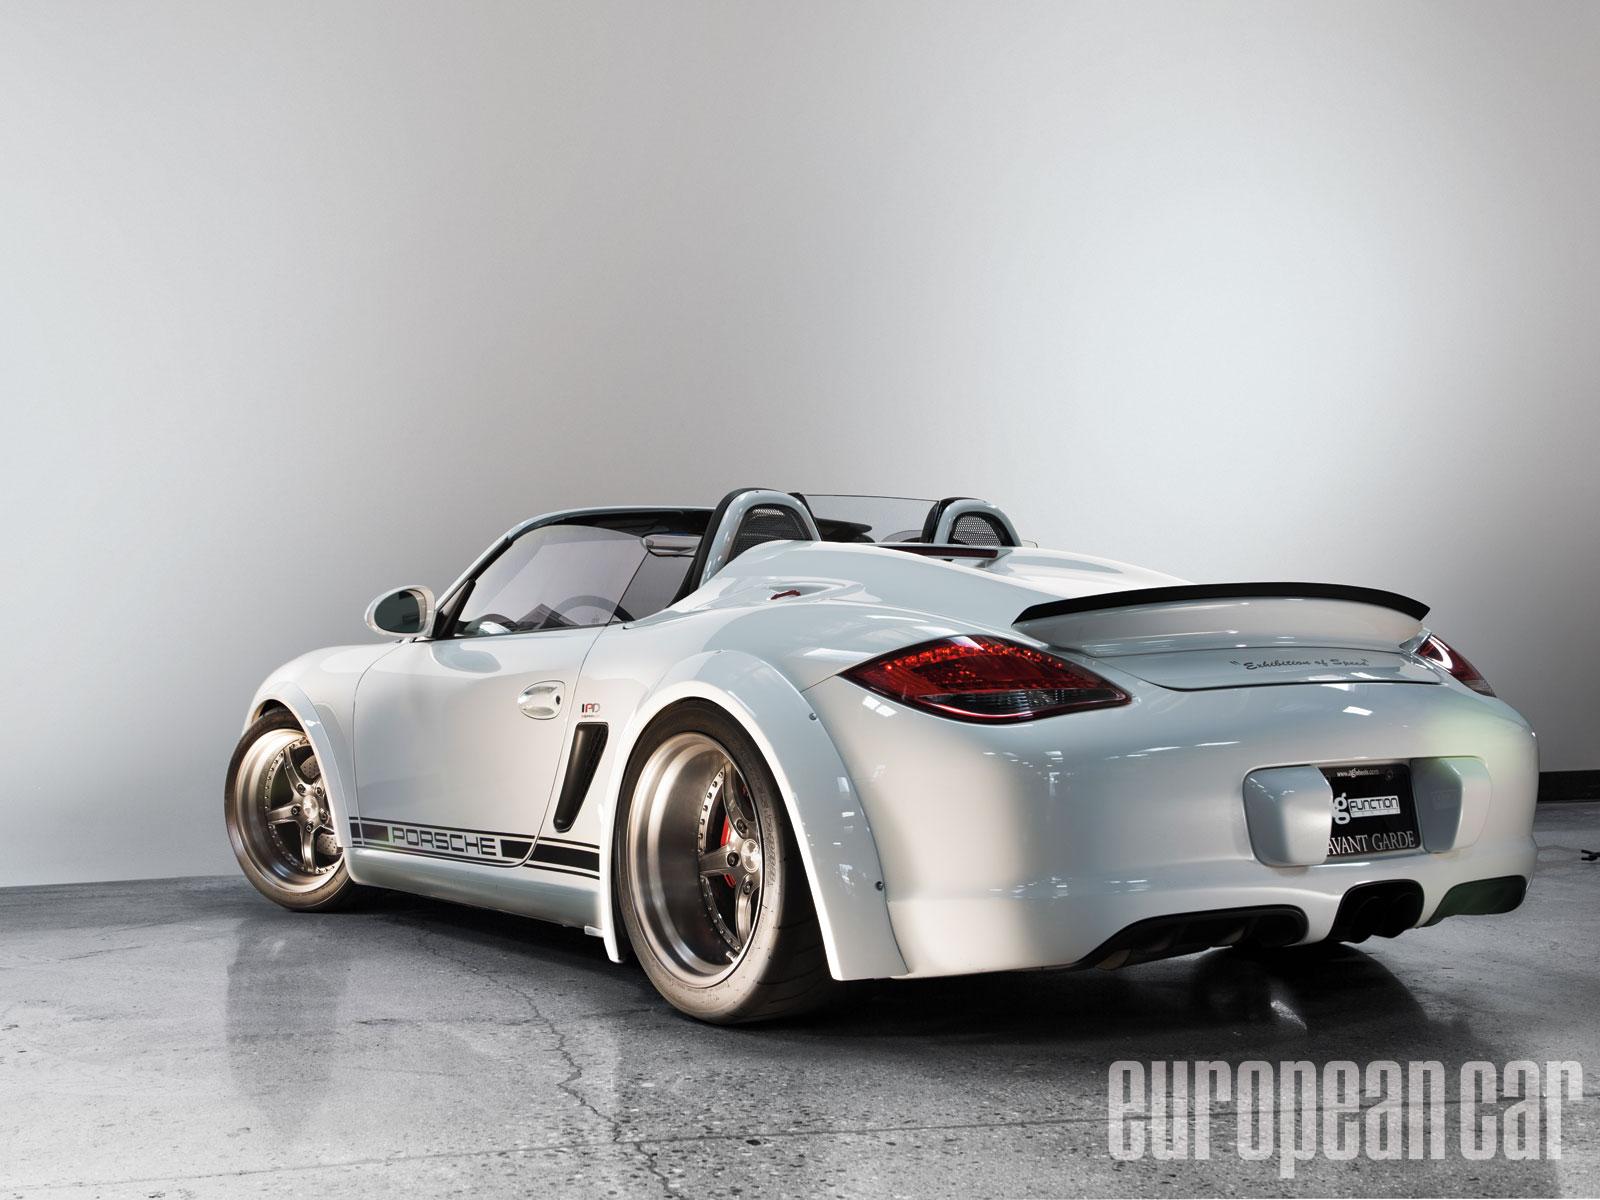 2011 Porsche Boxster Image 15